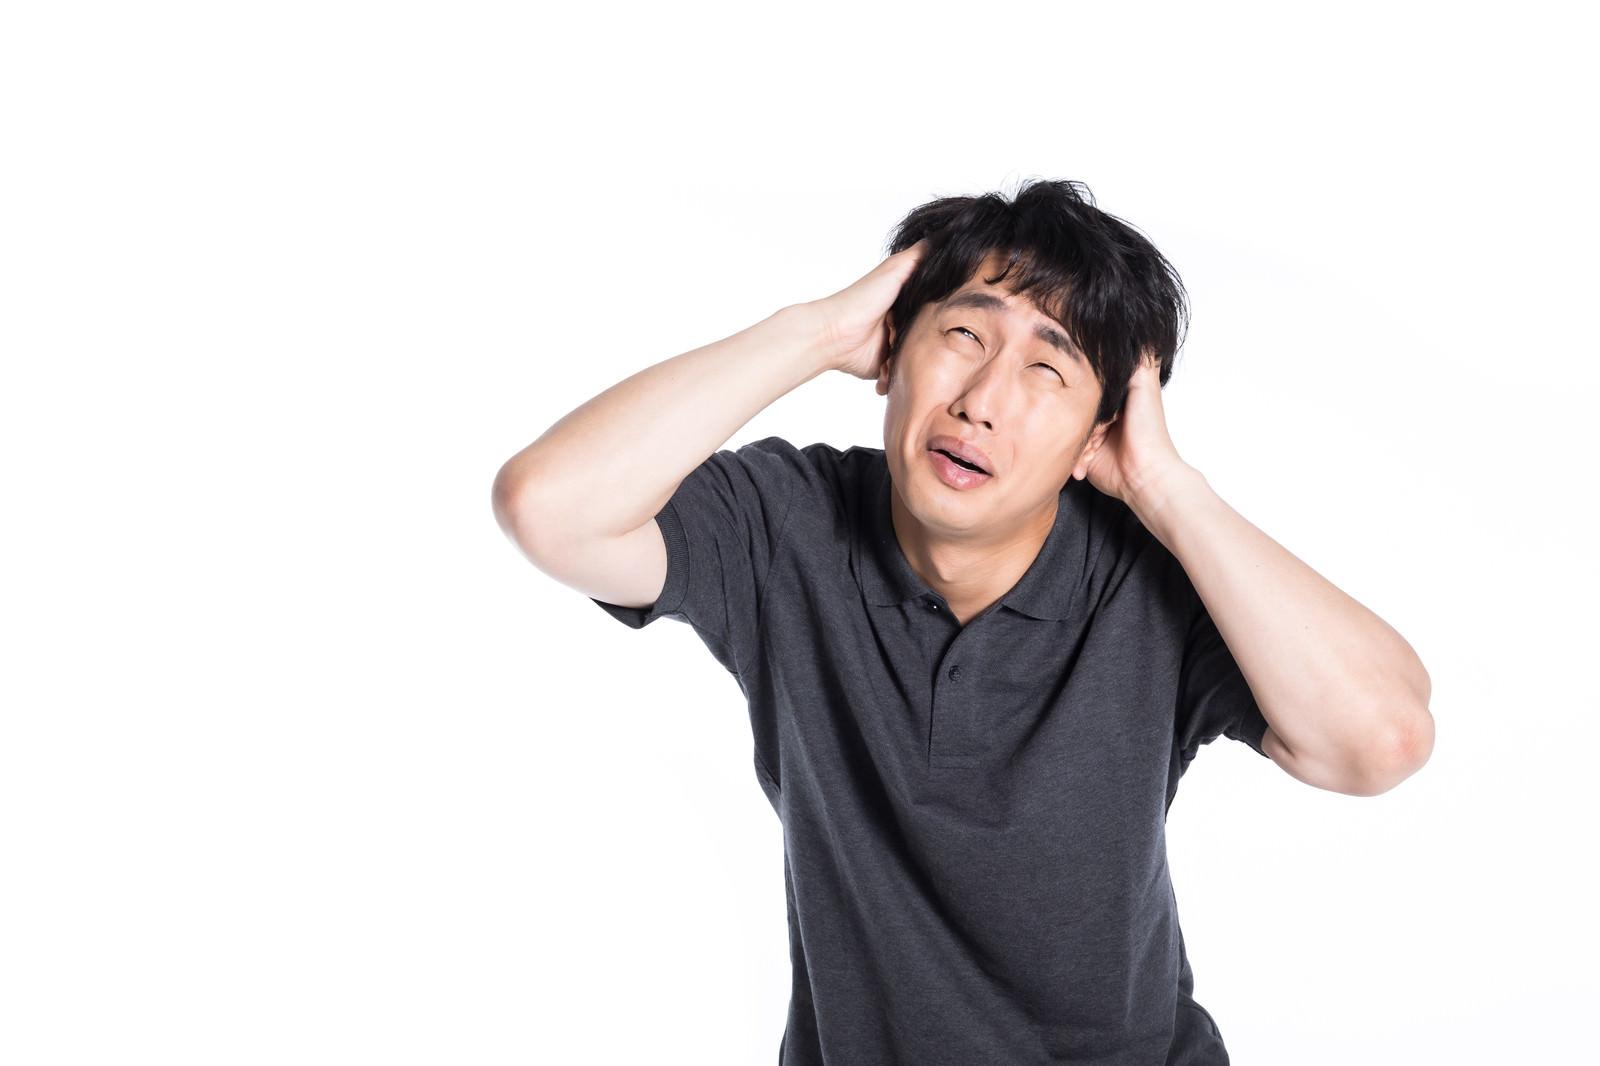 頭を抱えて焦る男性の写真(画像)を無料ダウンロード - フリー素材の ...